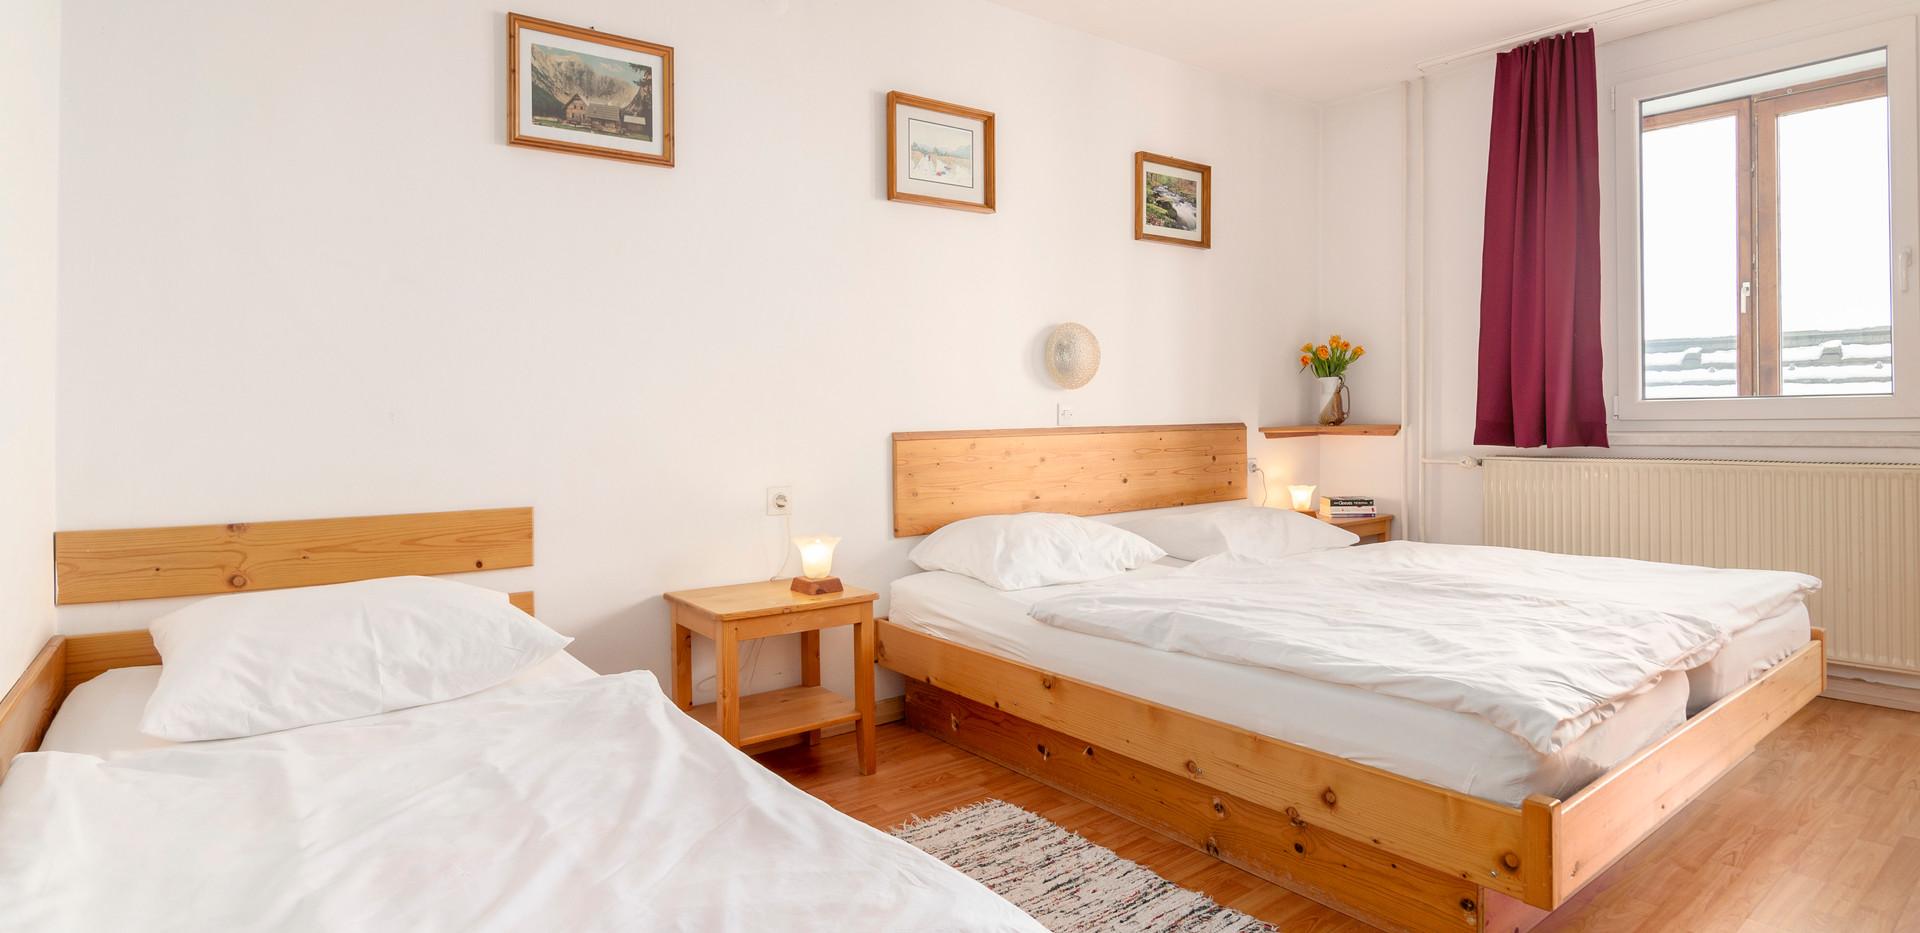 C-201-bedroom_1318.jpg